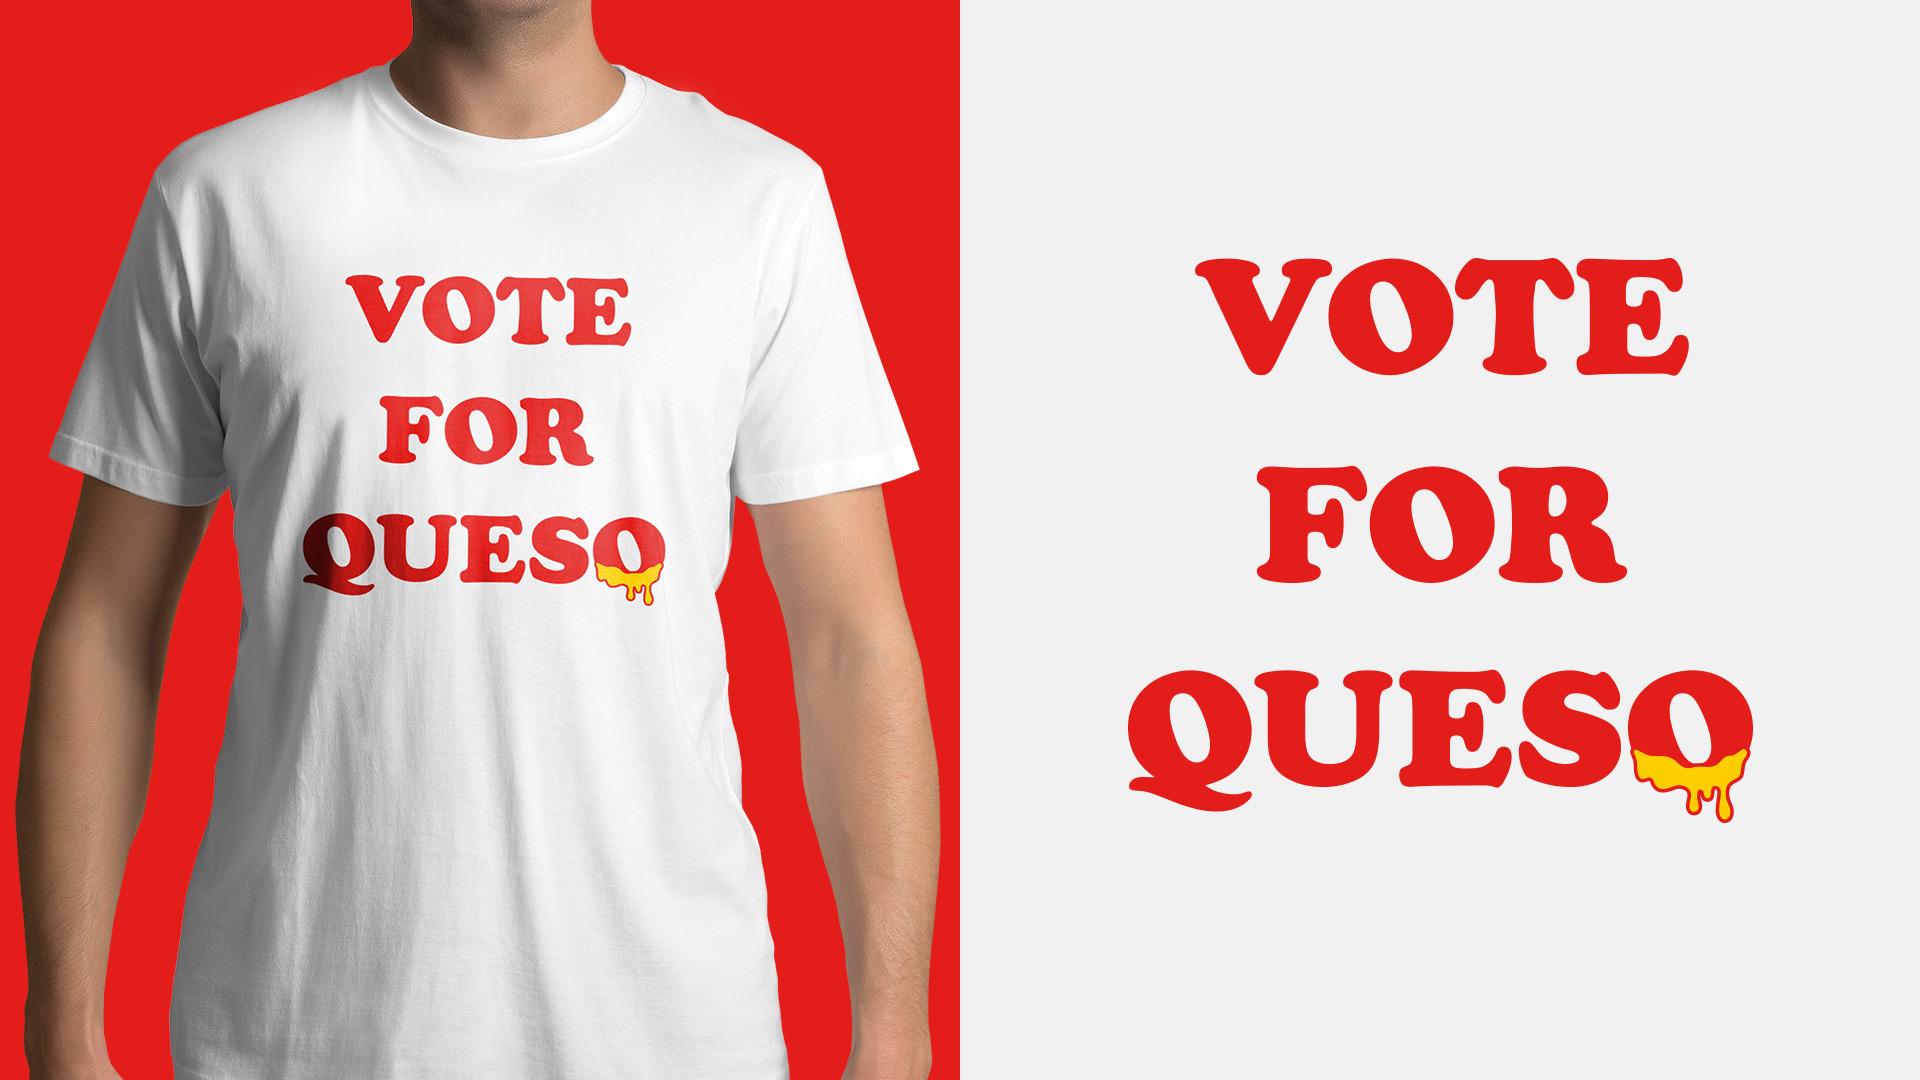 burrito-gallery-1920x1080-shirt-queso.jpg